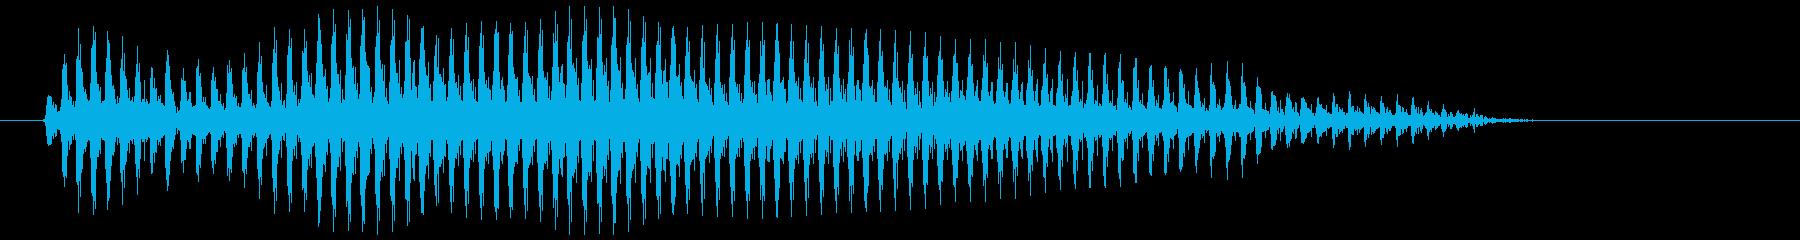 牛の鳴き声 短い(チープ) モゥゥの再生済みの波形